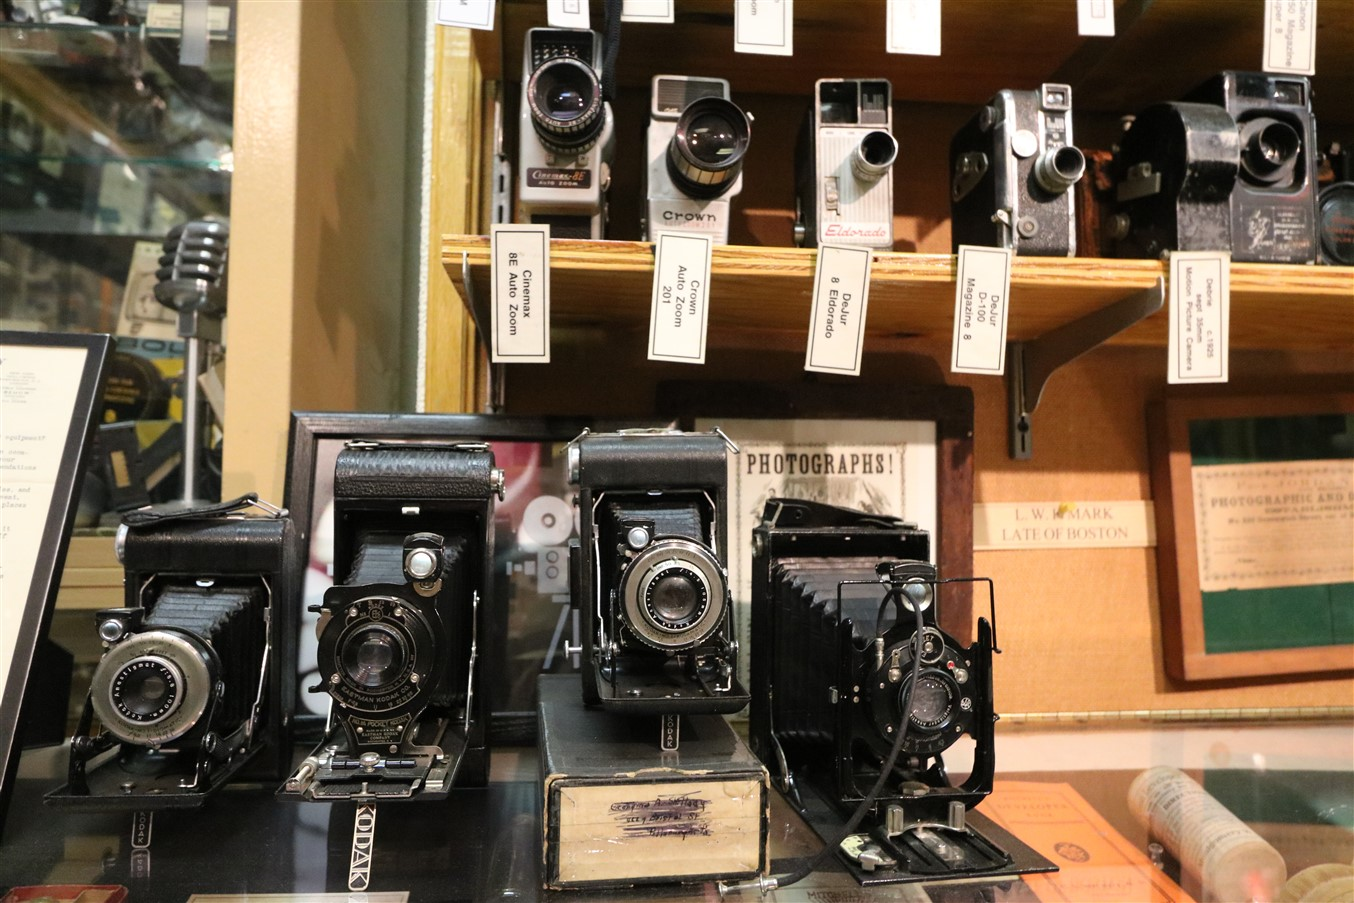 2018 08 04 50 Pittsburgh Photo Antiquities Museum.jpg